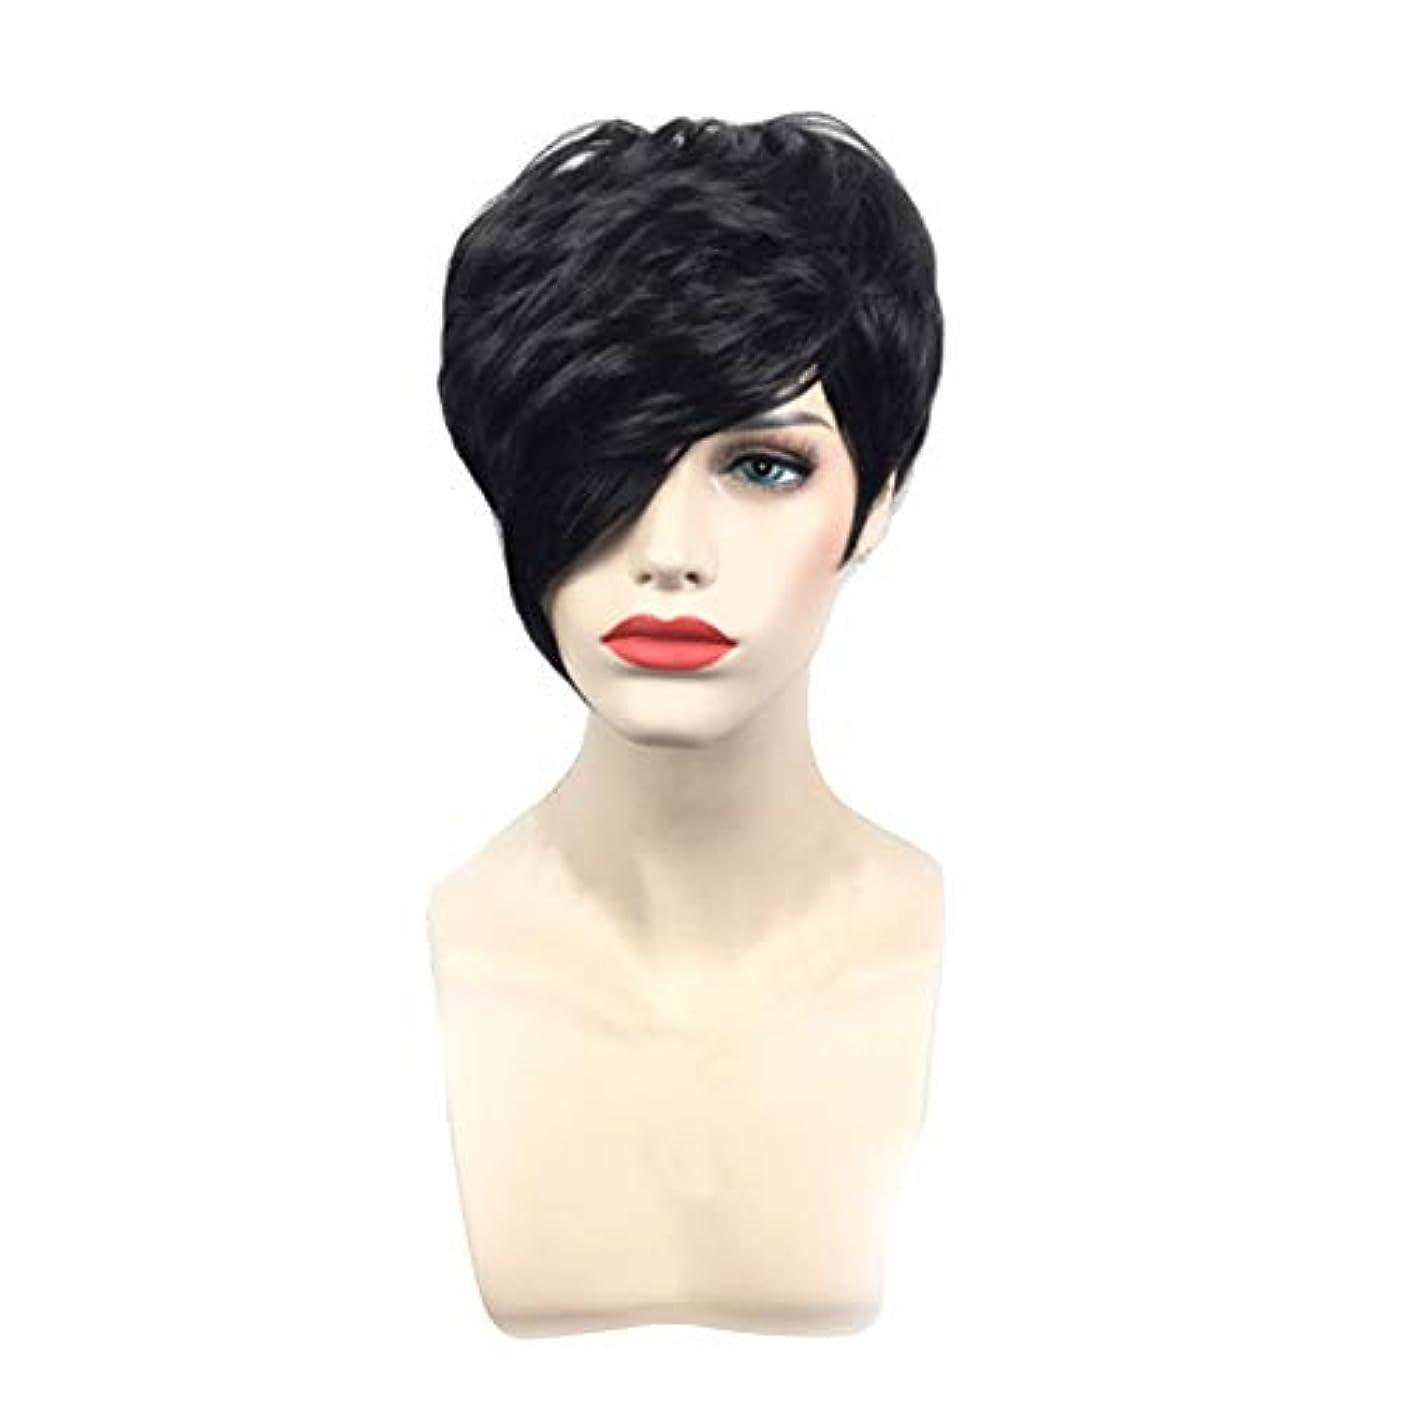 生き物言い換えると広告主黒の短いストレートヘアフルウィッグファッションコス小道具かつら